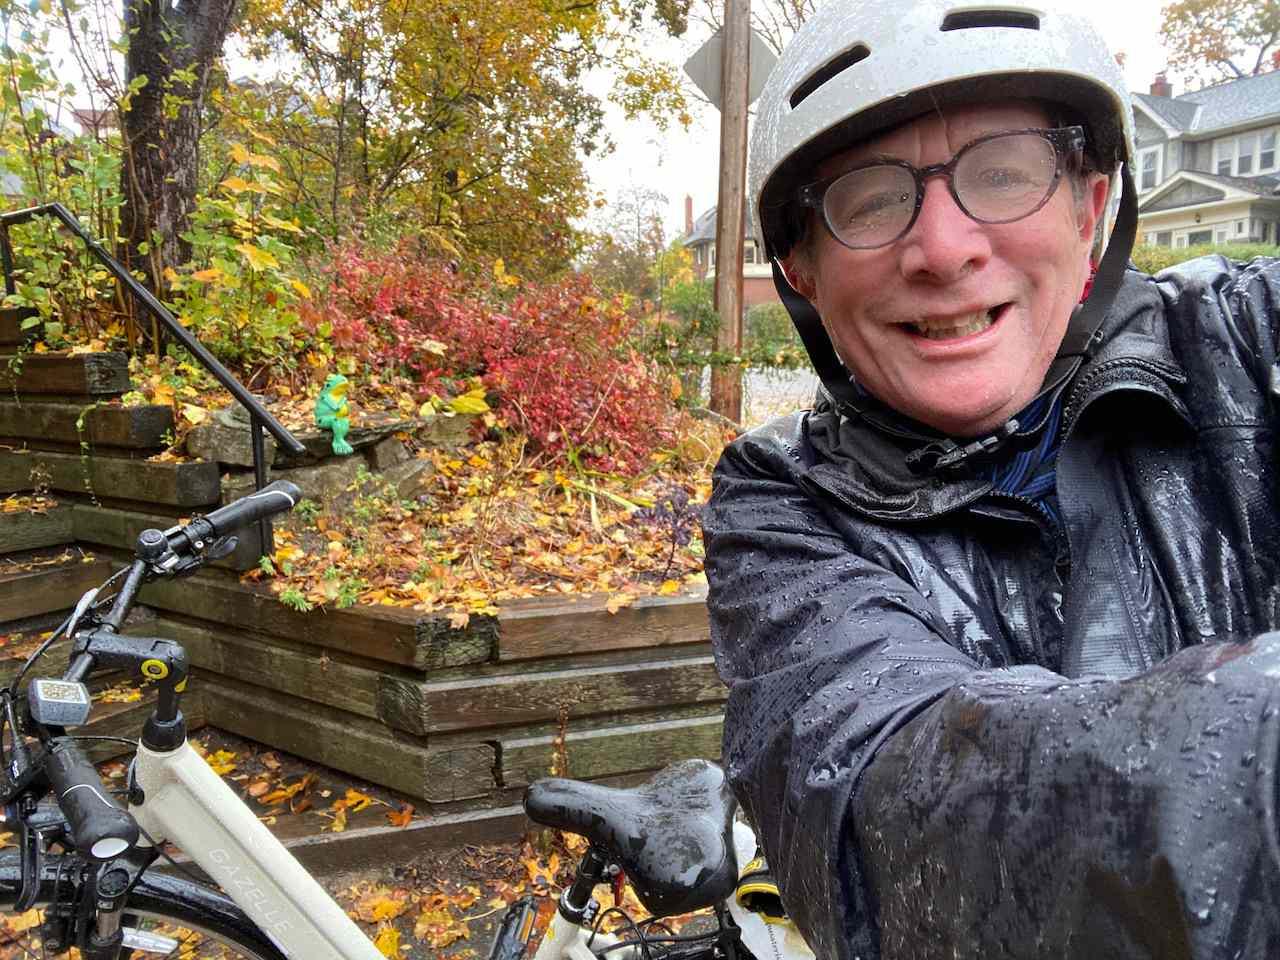 A wet bike and a wet biker